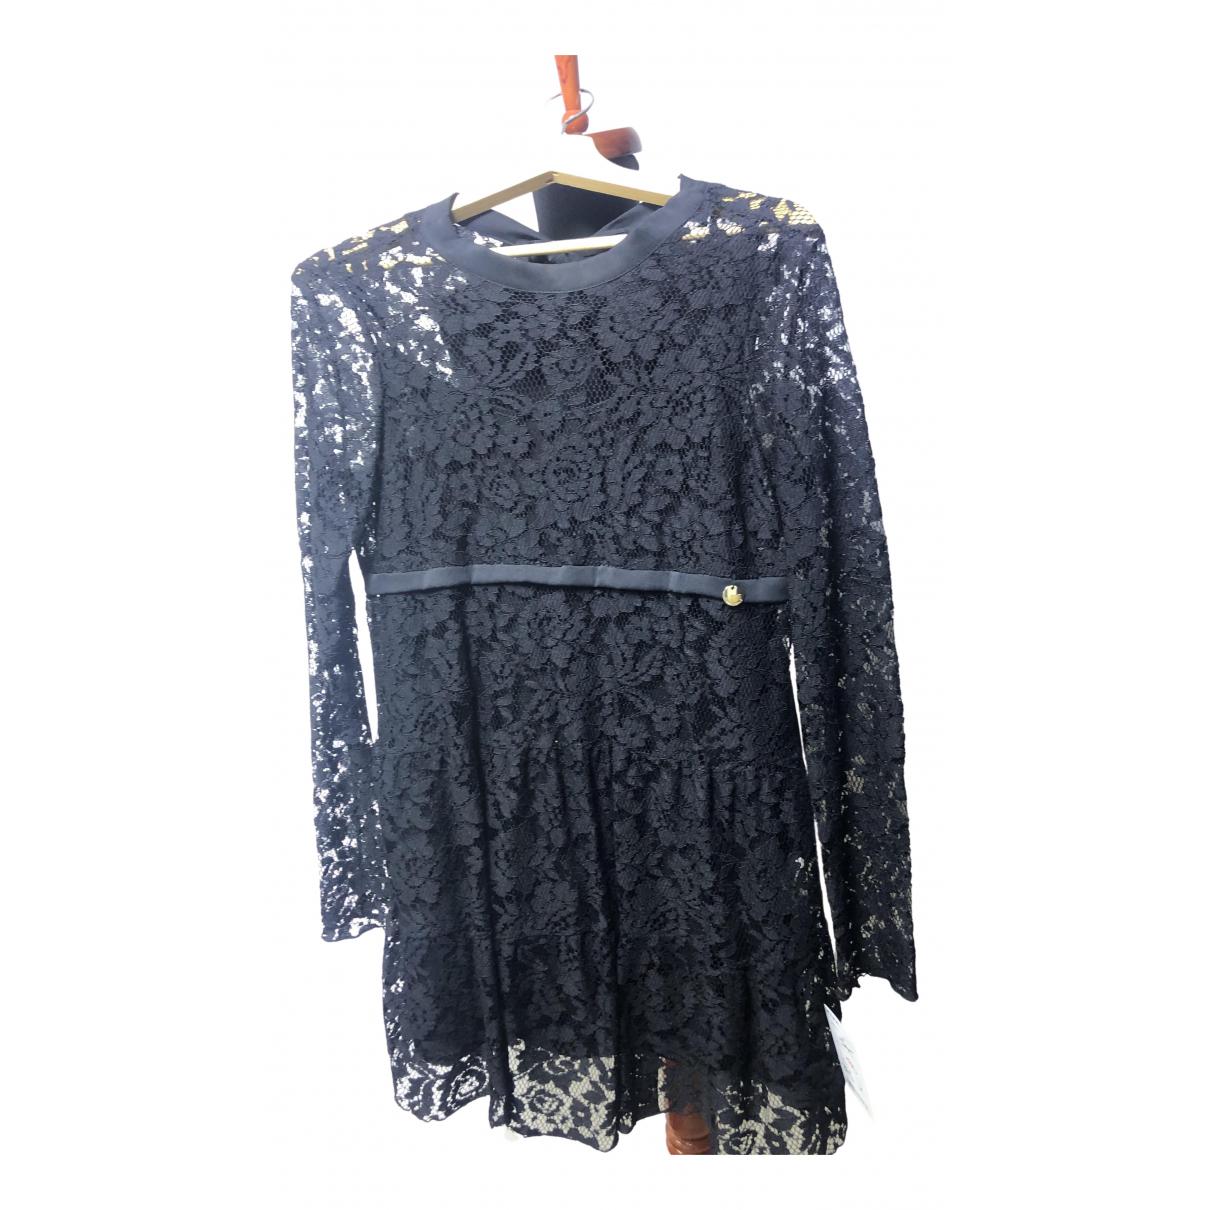 Mangano - Robe   pour femme en dentelle - noir